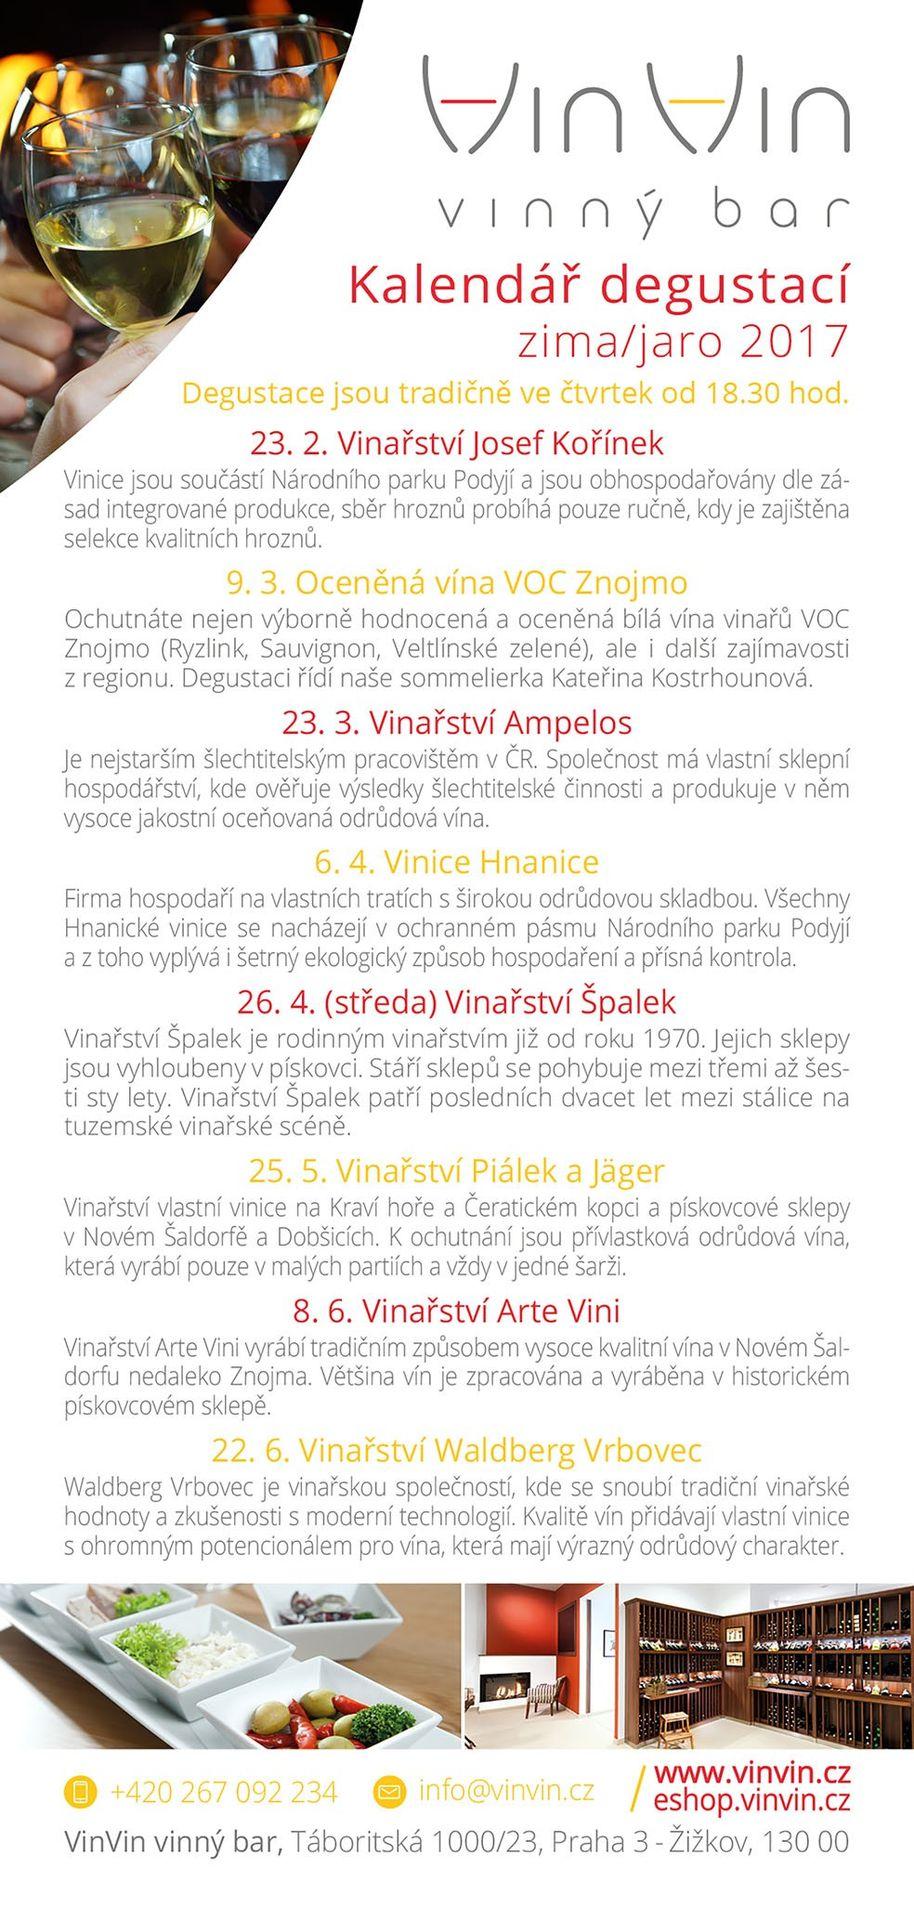 Degustace VinVin